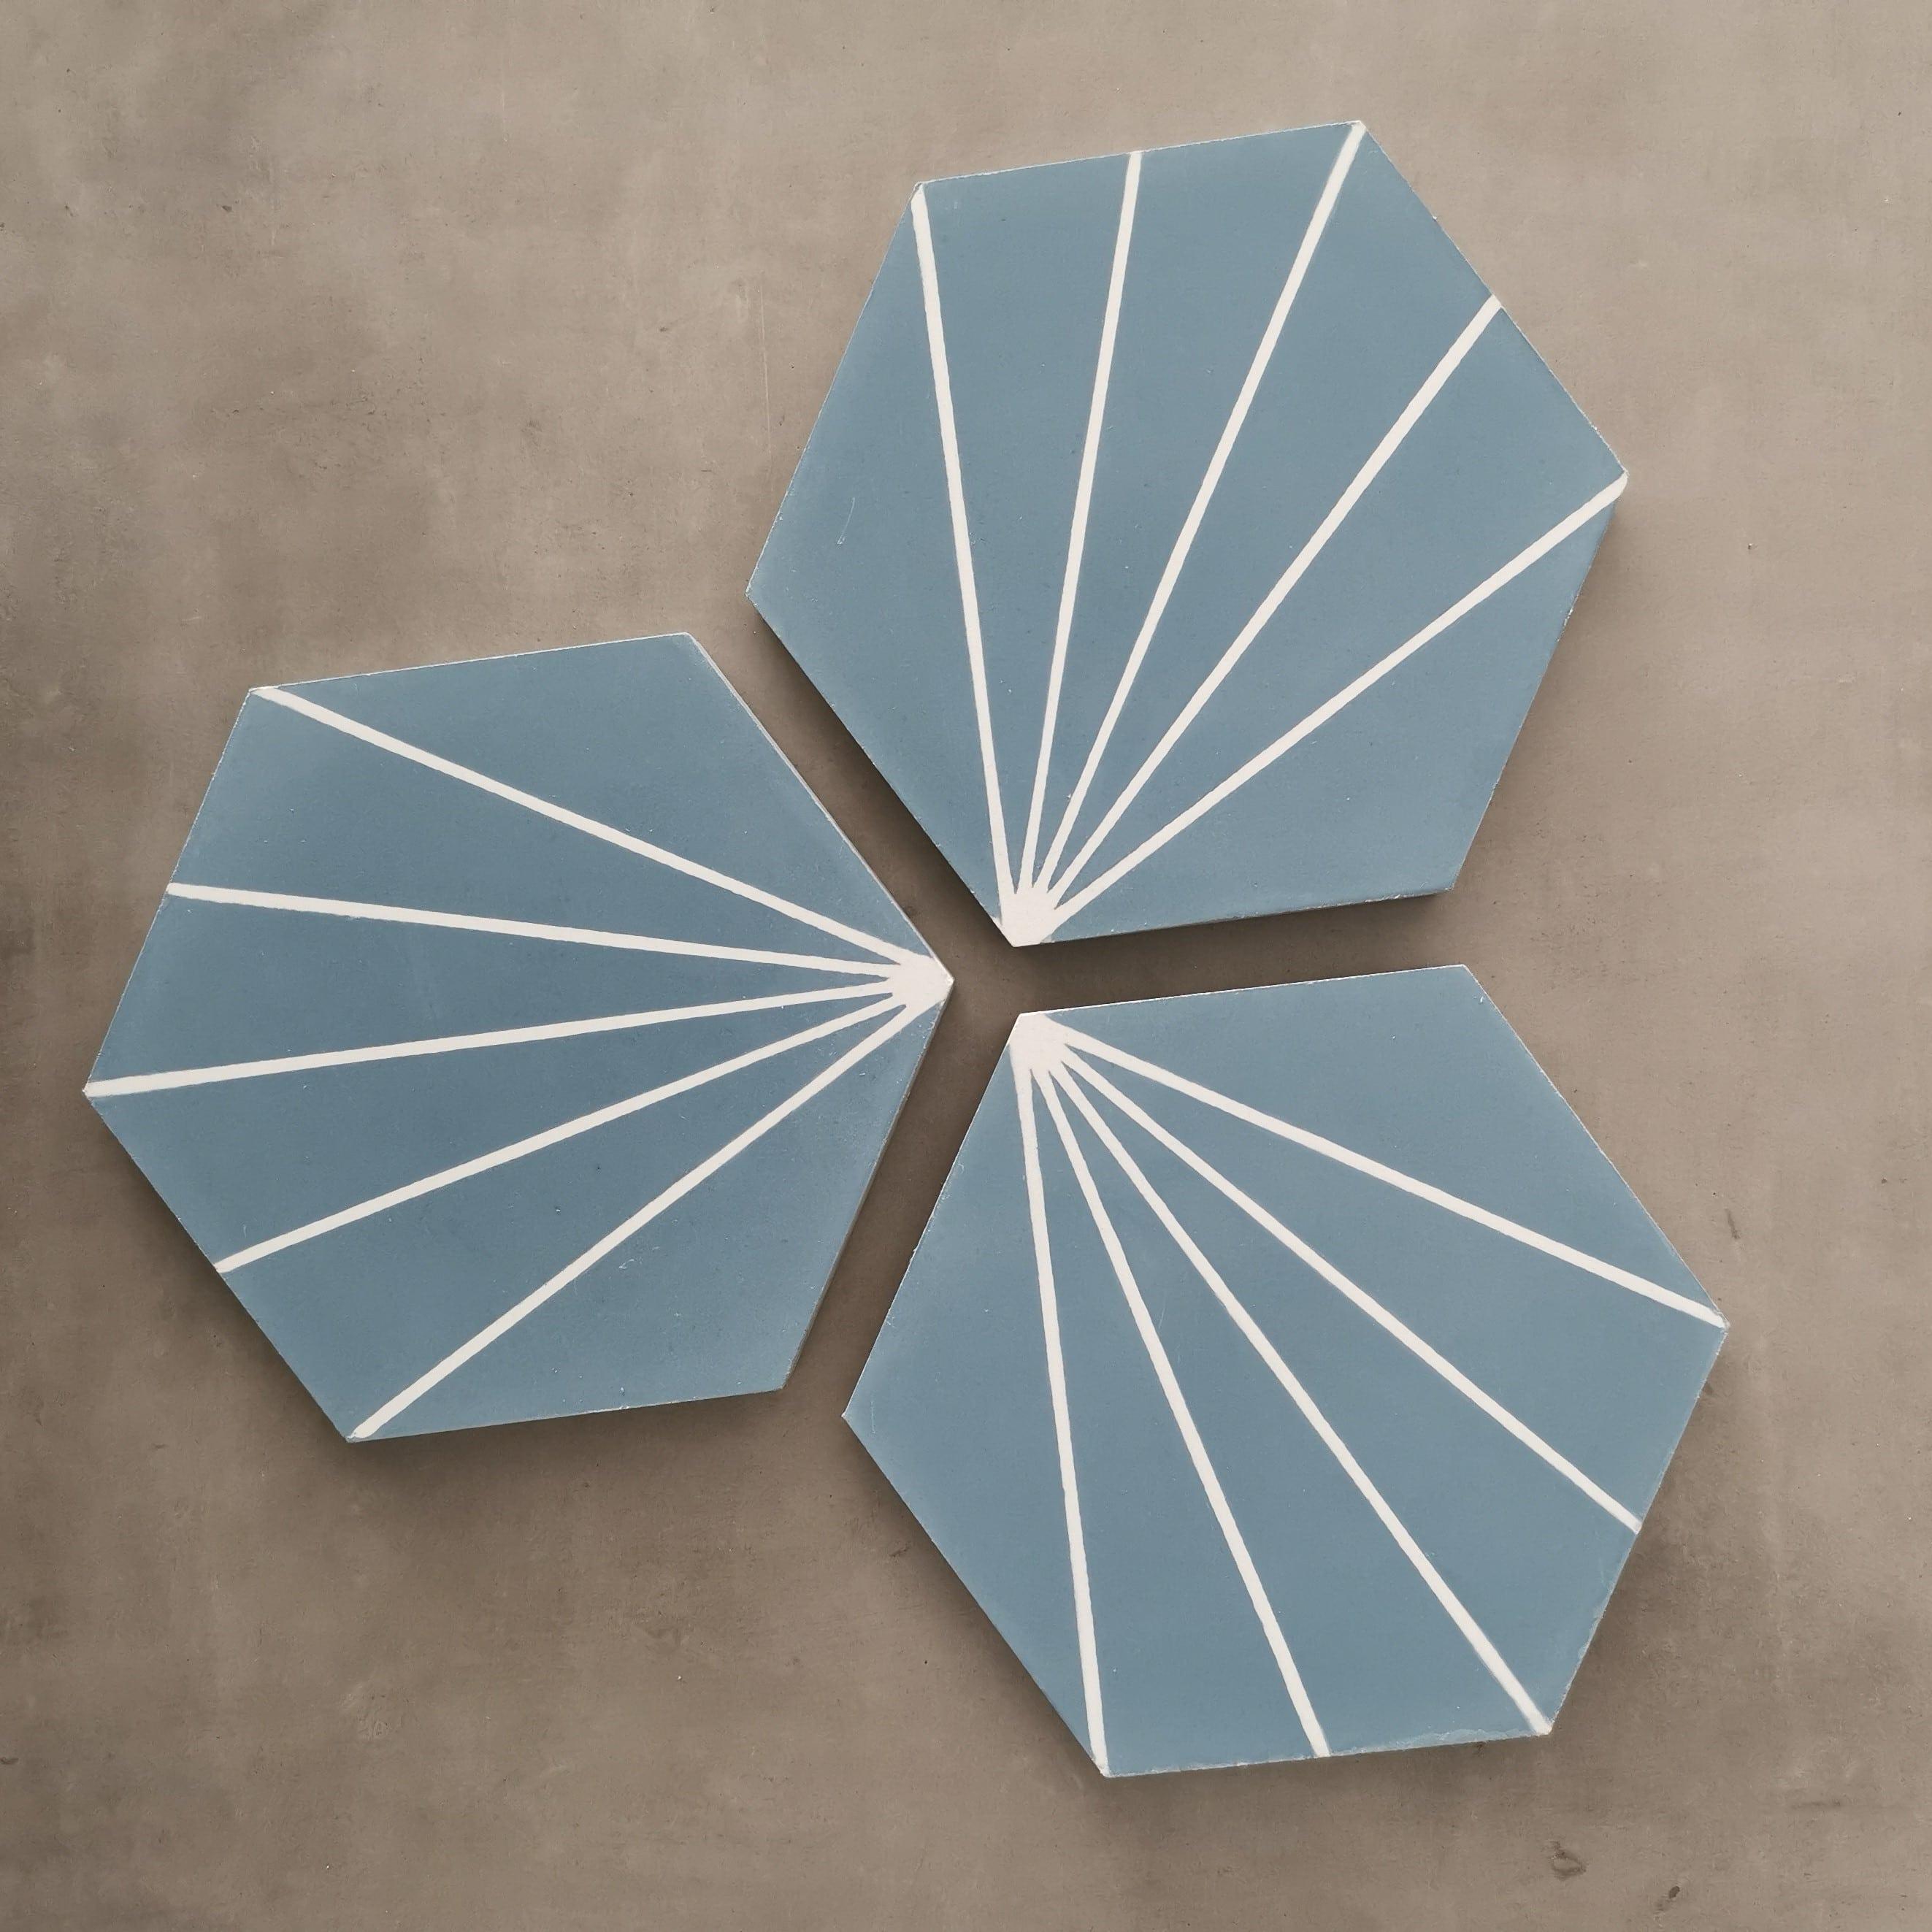 NOUVEAUTE CARREAUX DE CIMENT, une couleur inédite, toute en douceur pour cet hexagone.